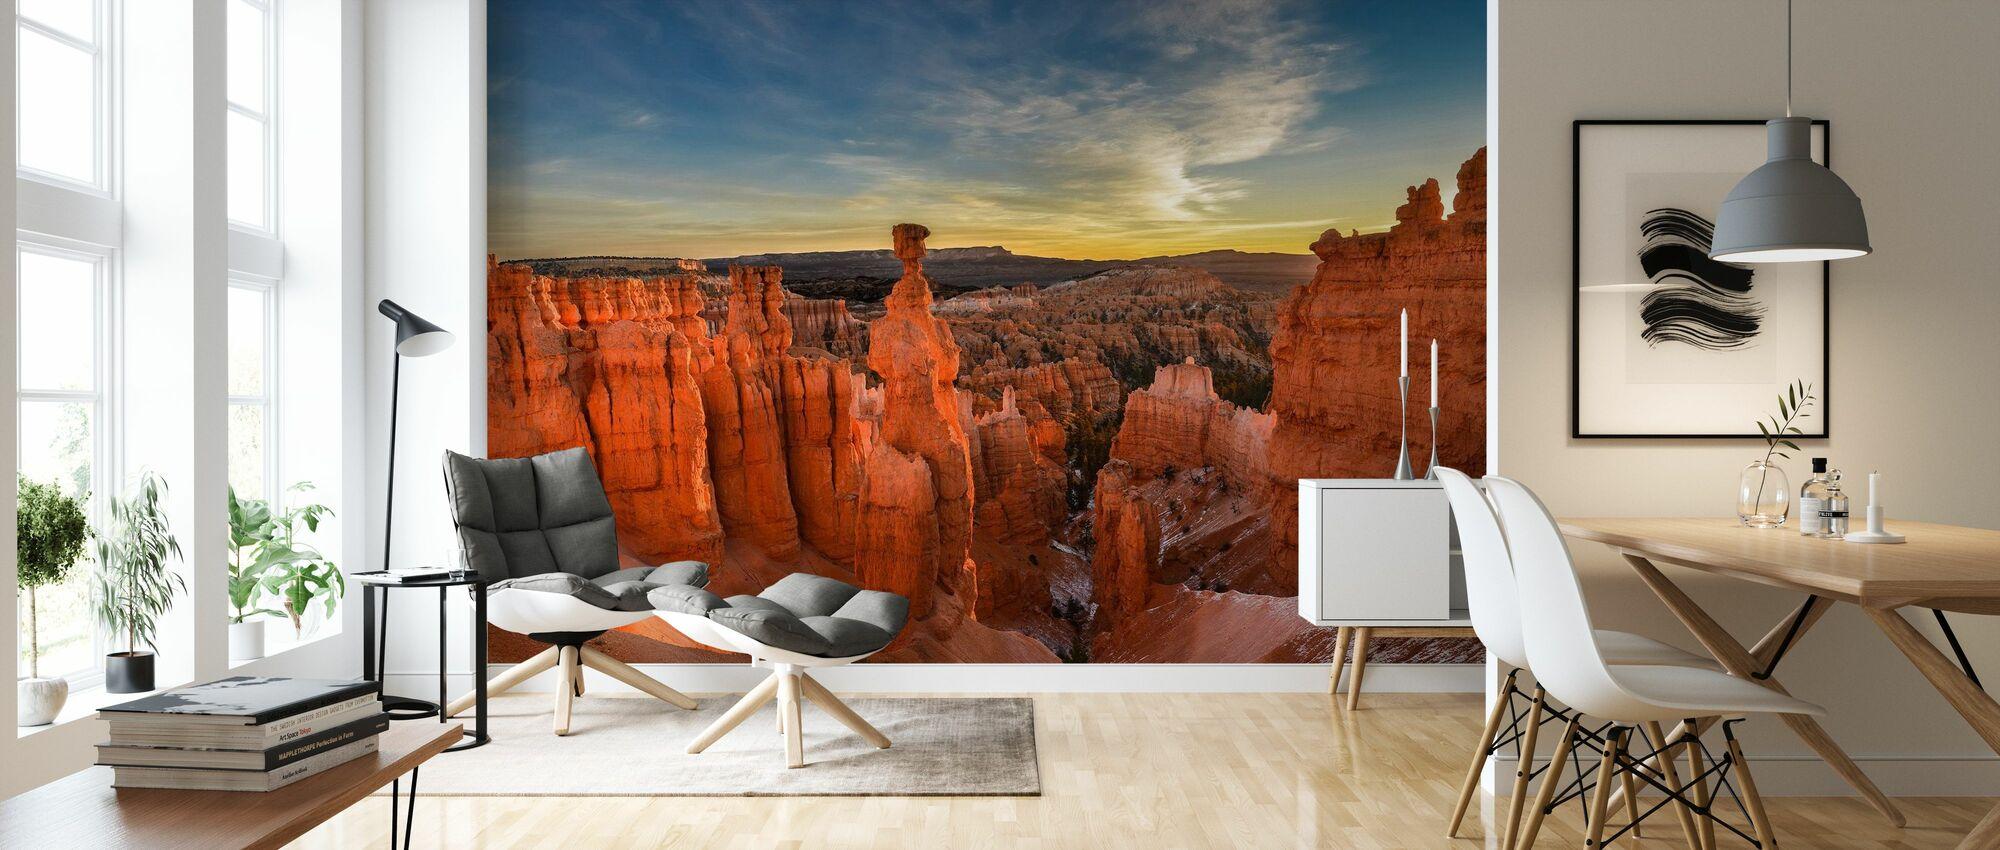 Thor's Hammer - Wallpaper - Living Room